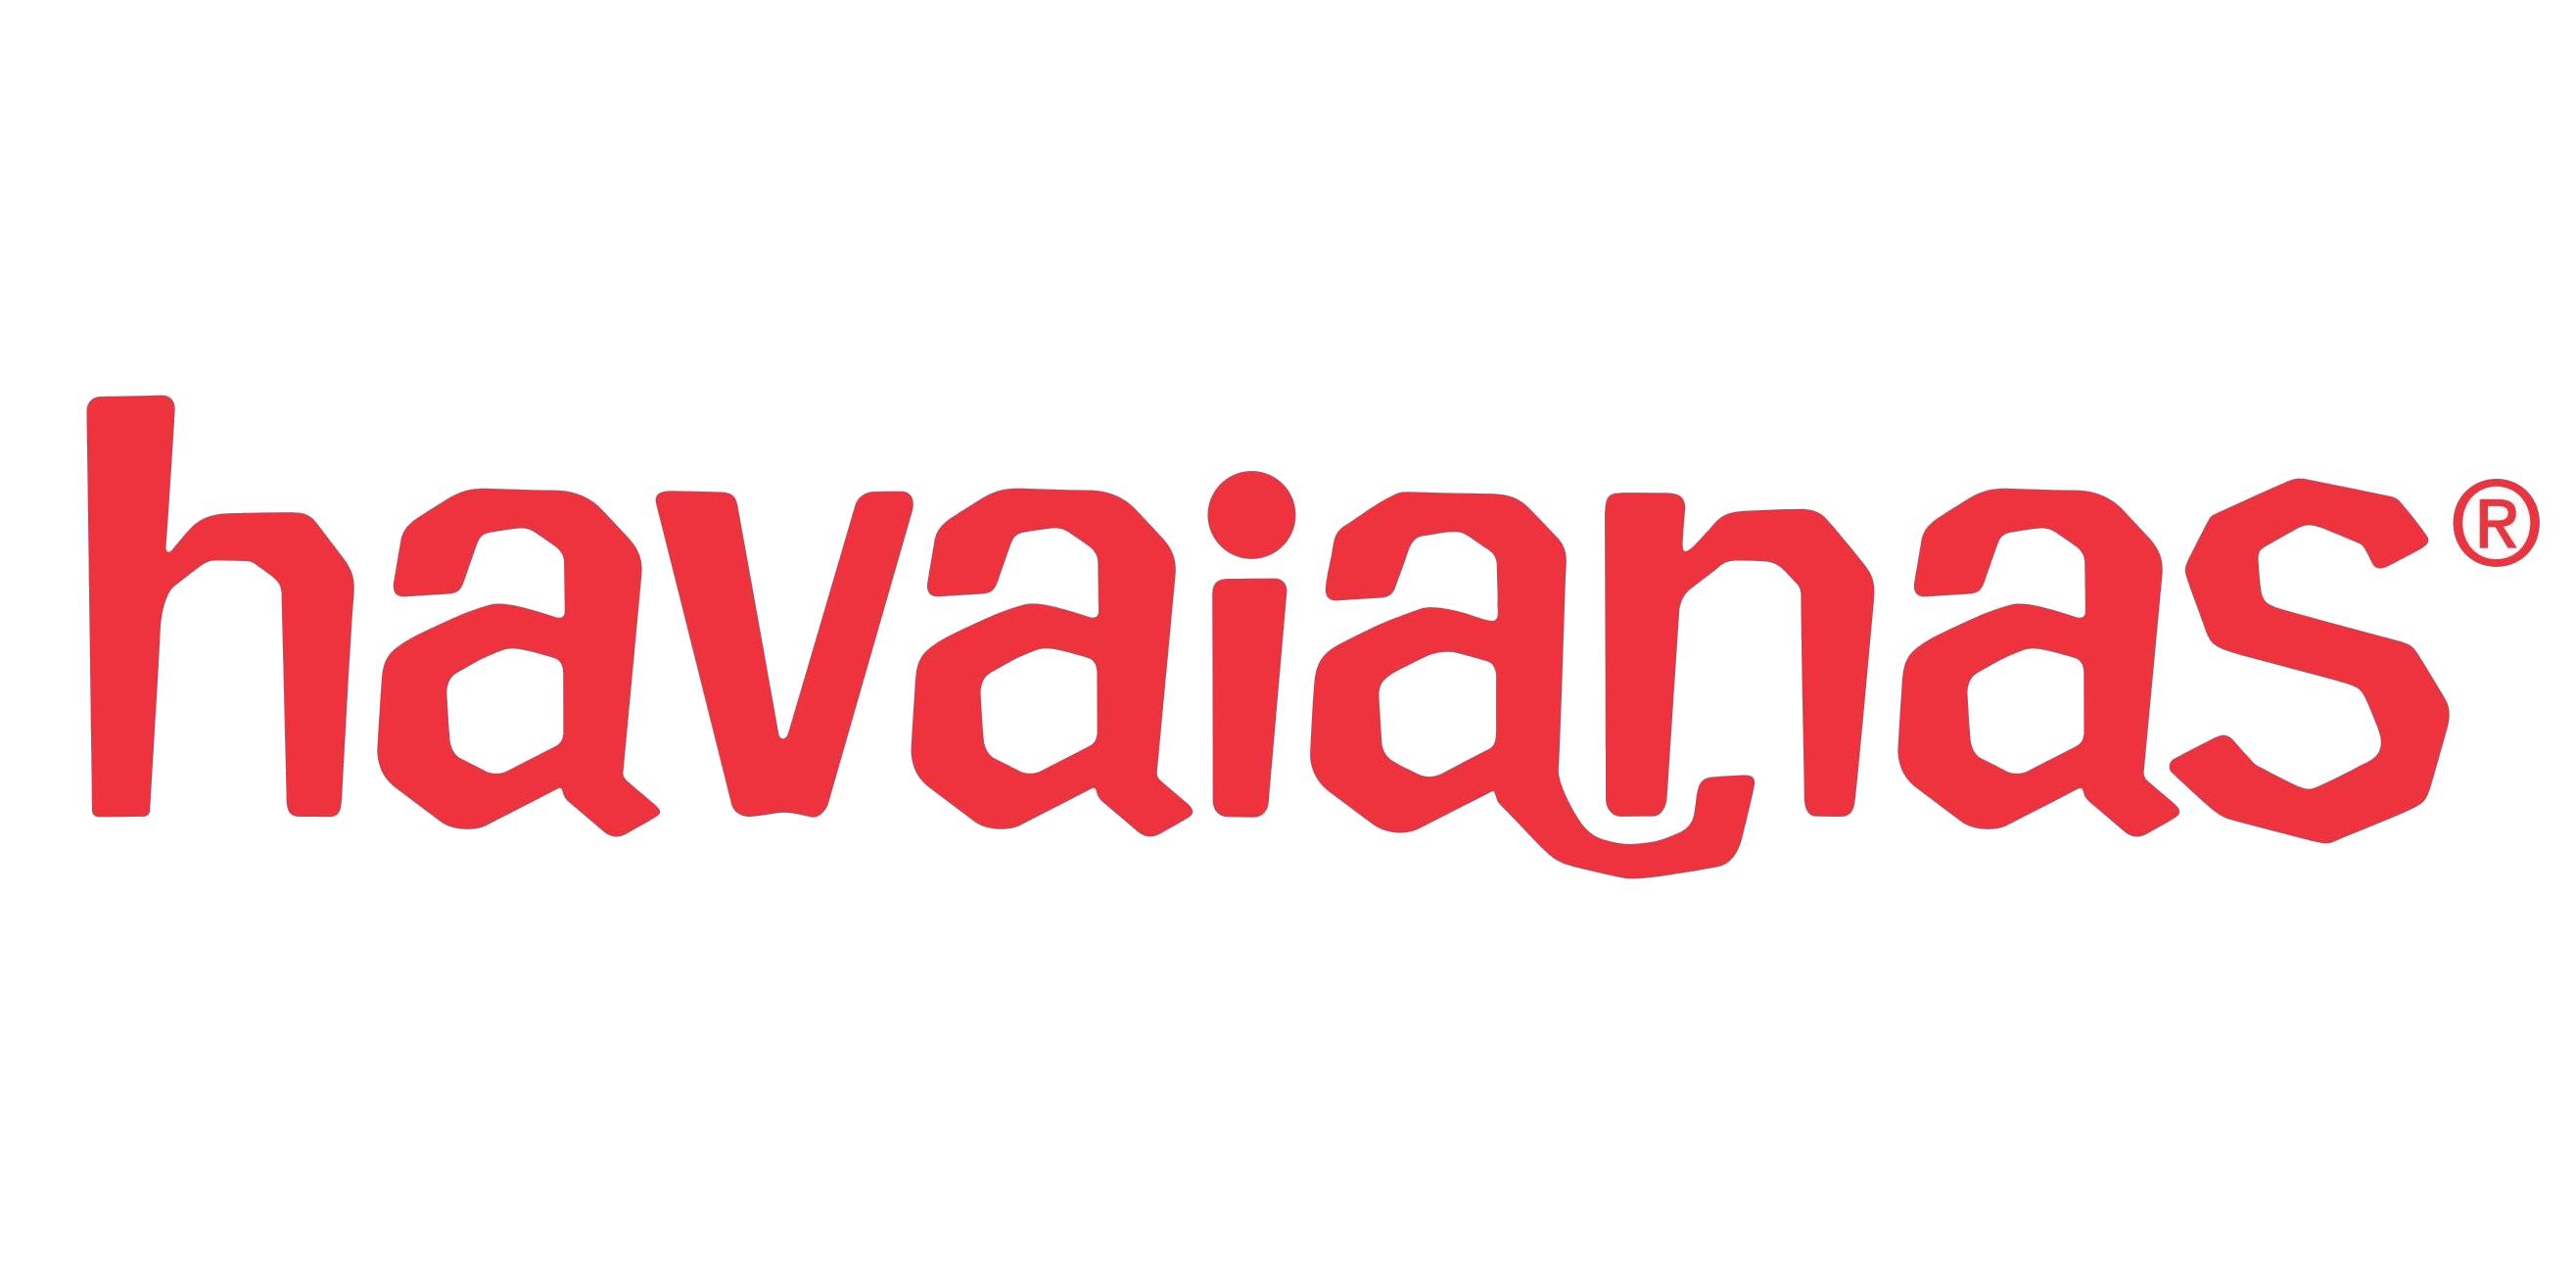 marcas/havaiana